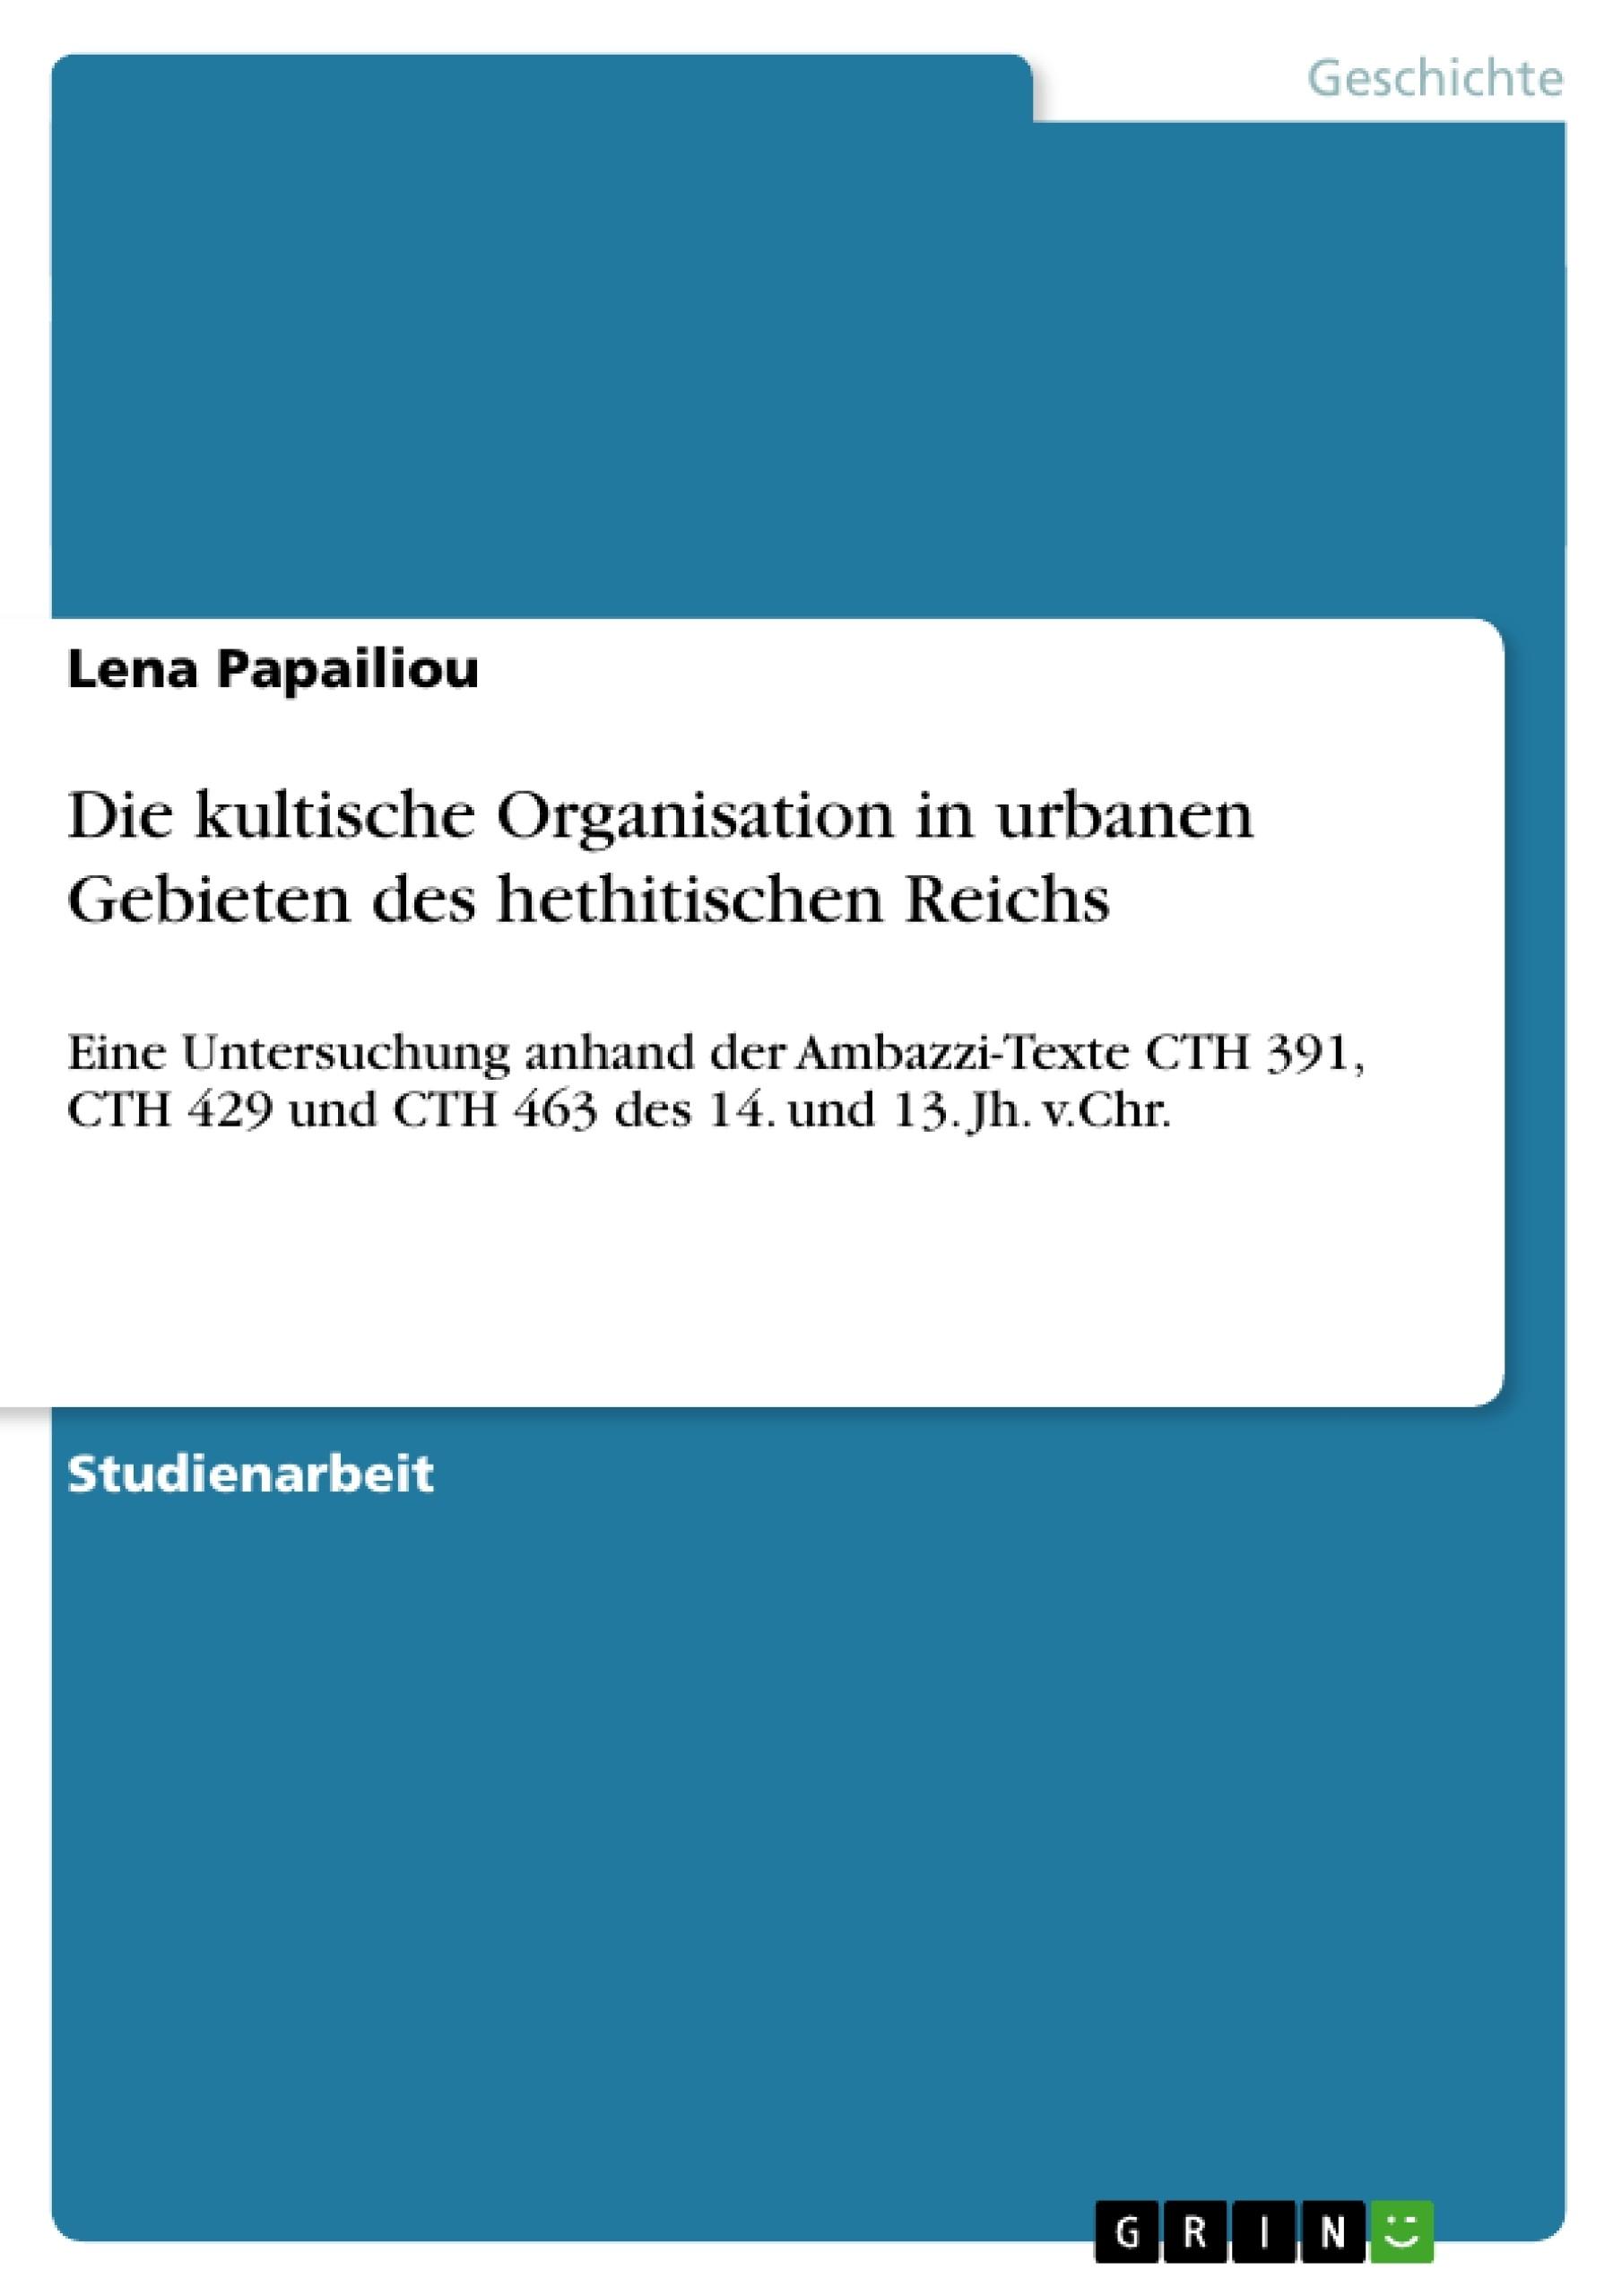 Titel: Die kultische Organisation in urbanen Gebieten des hethitischen Reichs